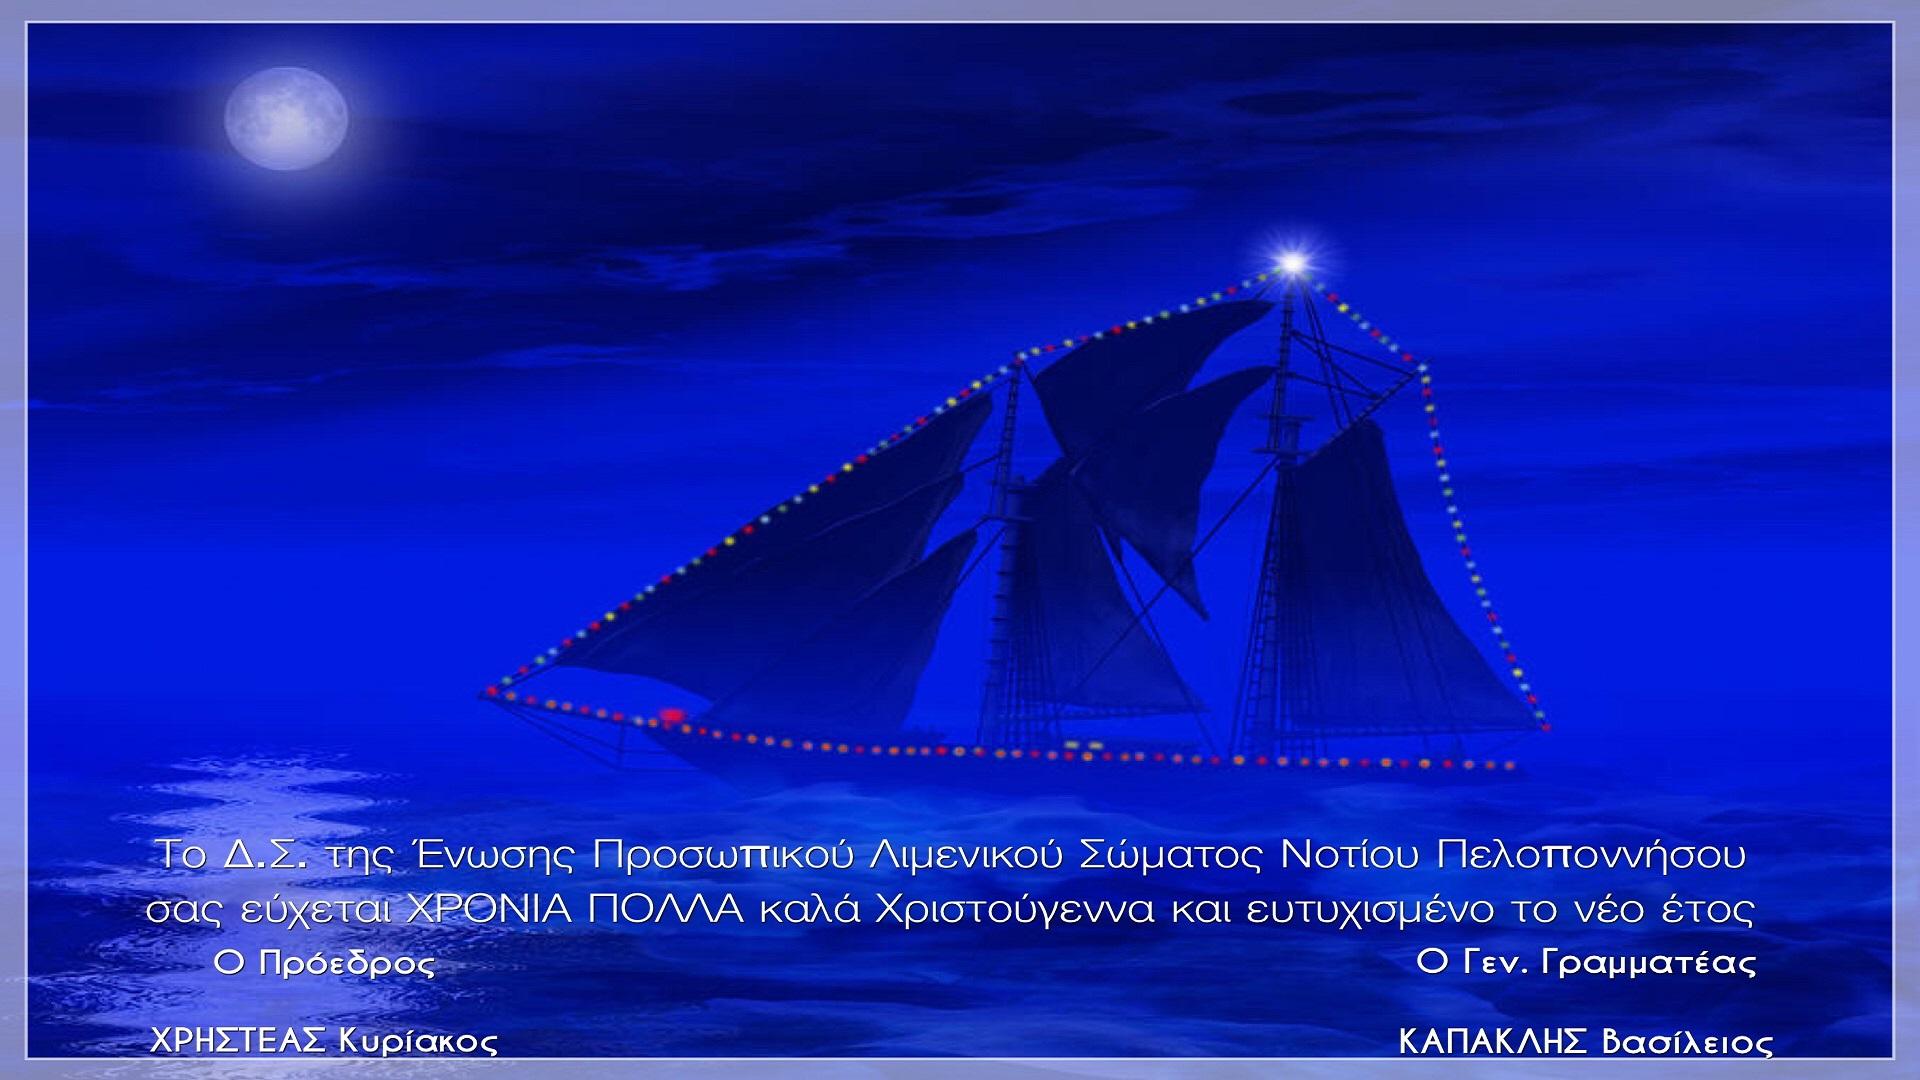 Ευχές από την ΕΠΛΣ Ν. Πελοποννήσου